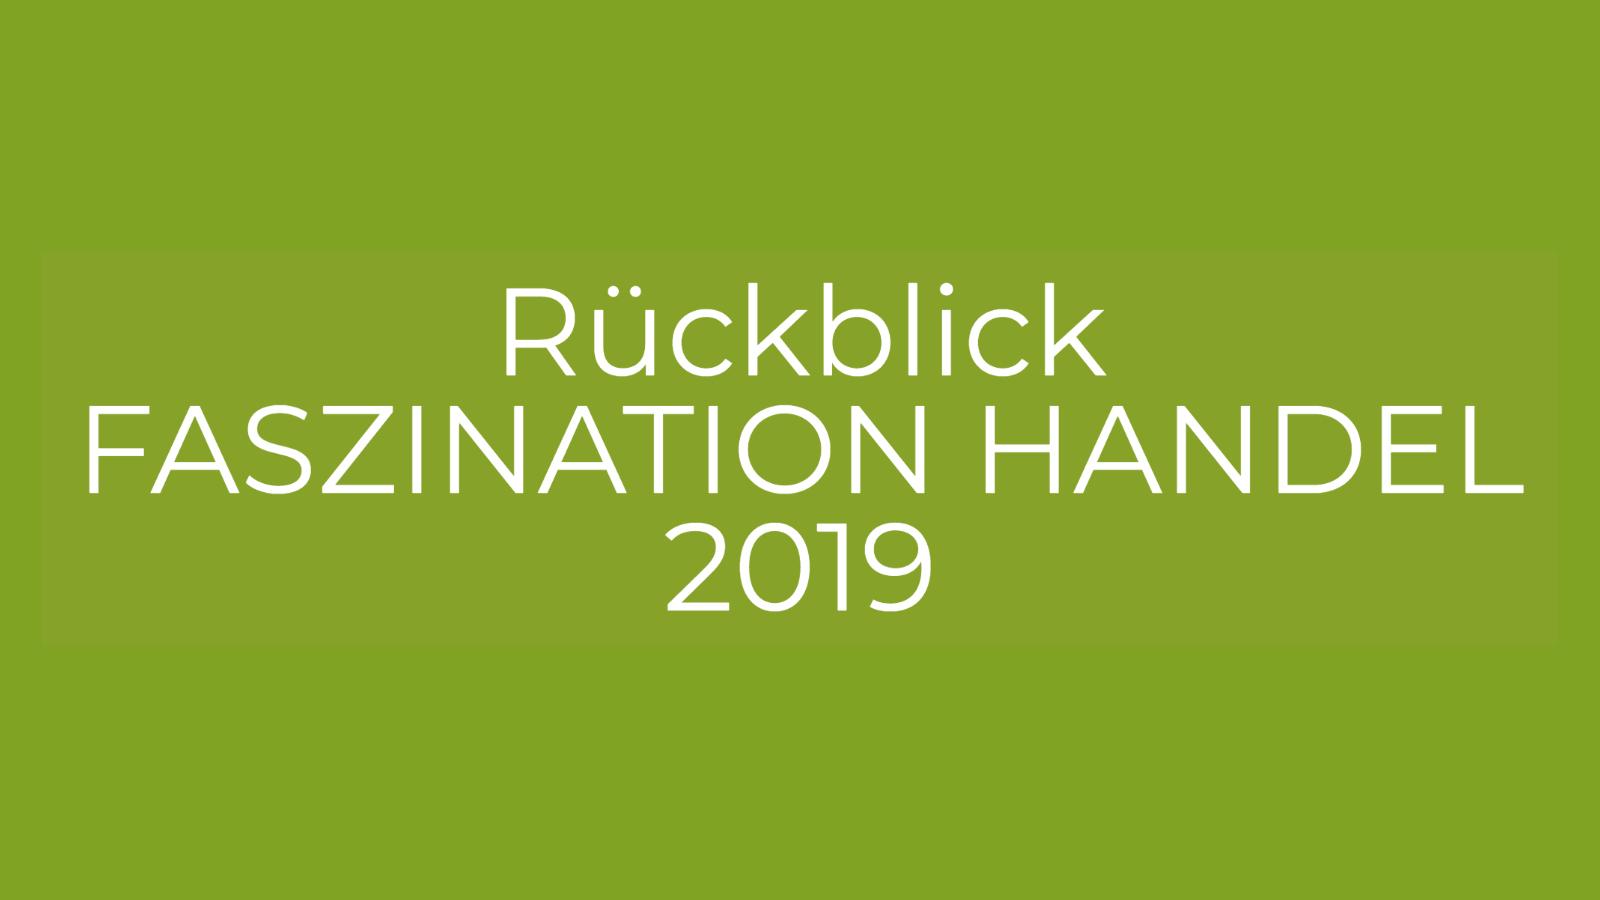 Rückblick FASZINATION HANDEL 2019